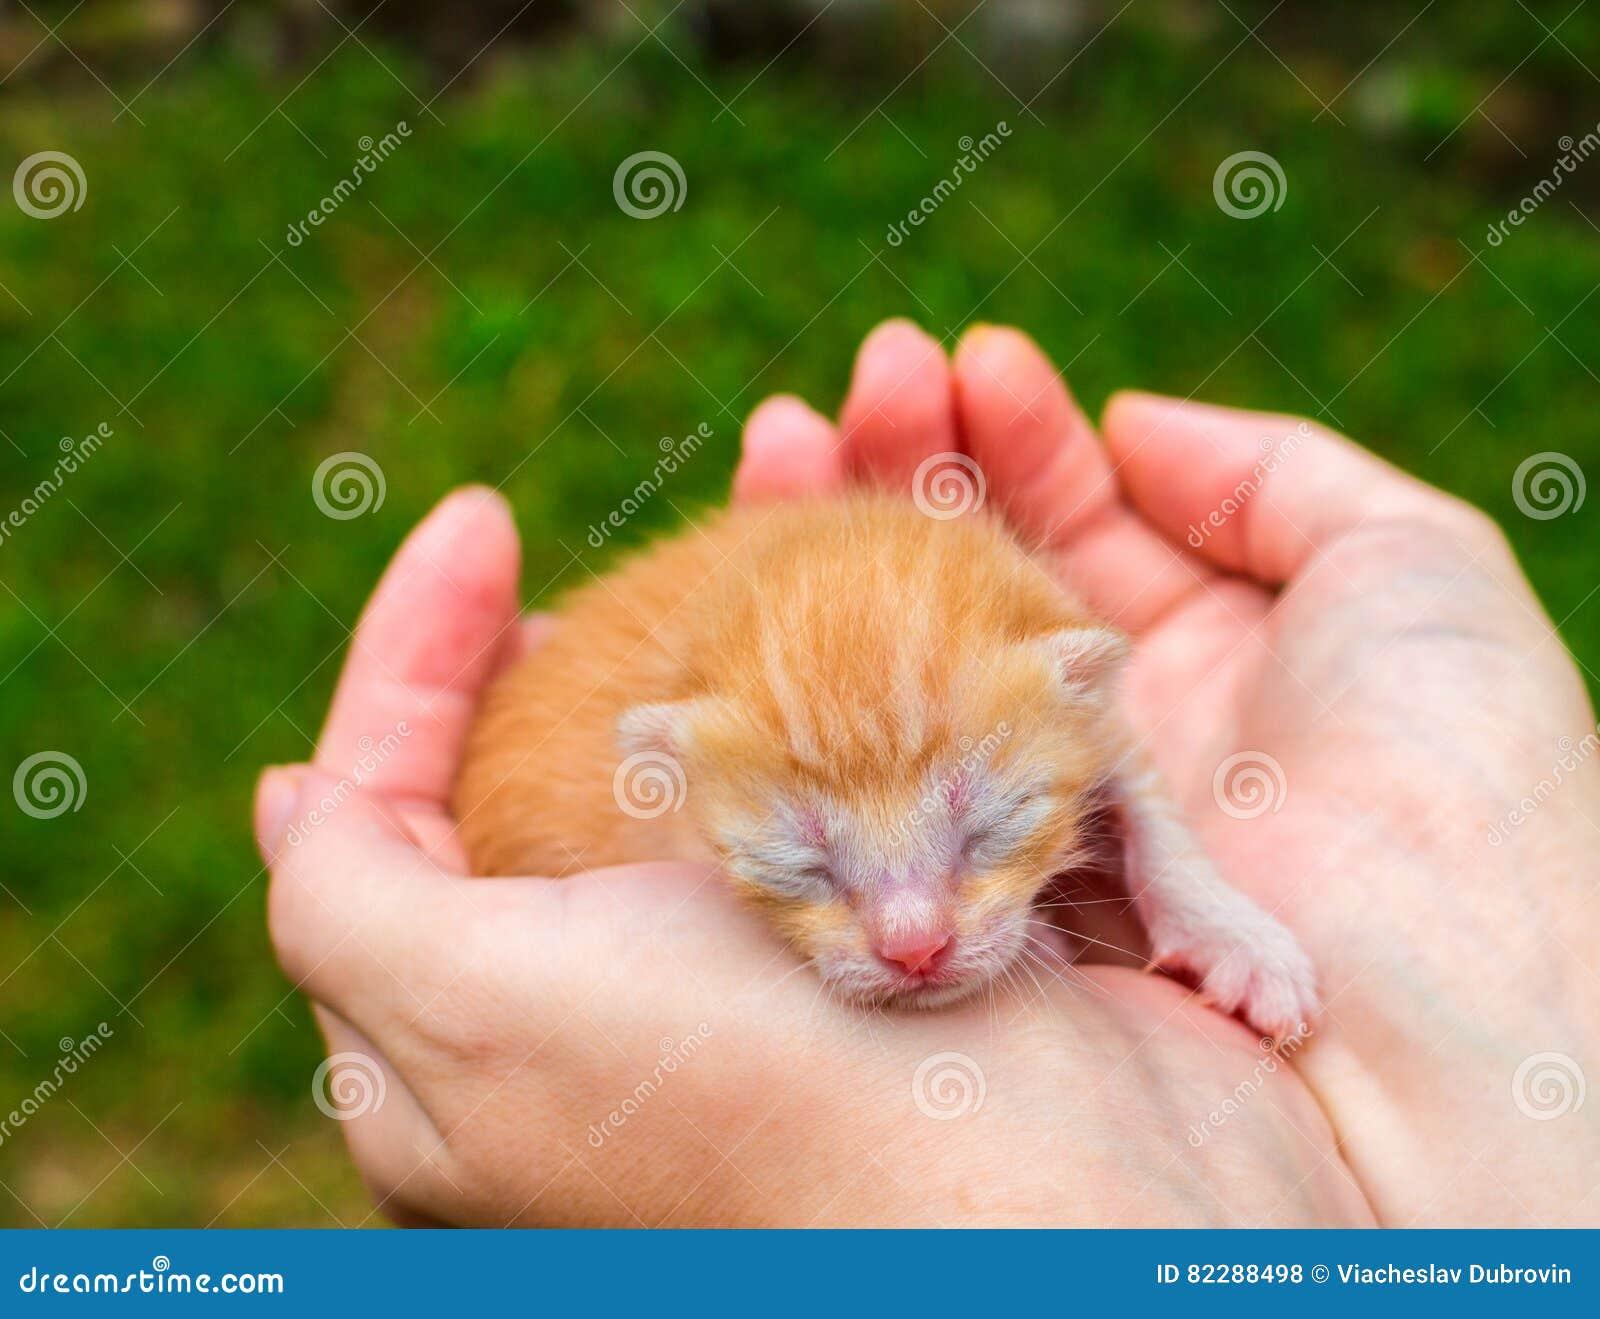 新出生的小猫 红色全部赌注在有同情心的手上 逗人喜爱的猫关闭phot